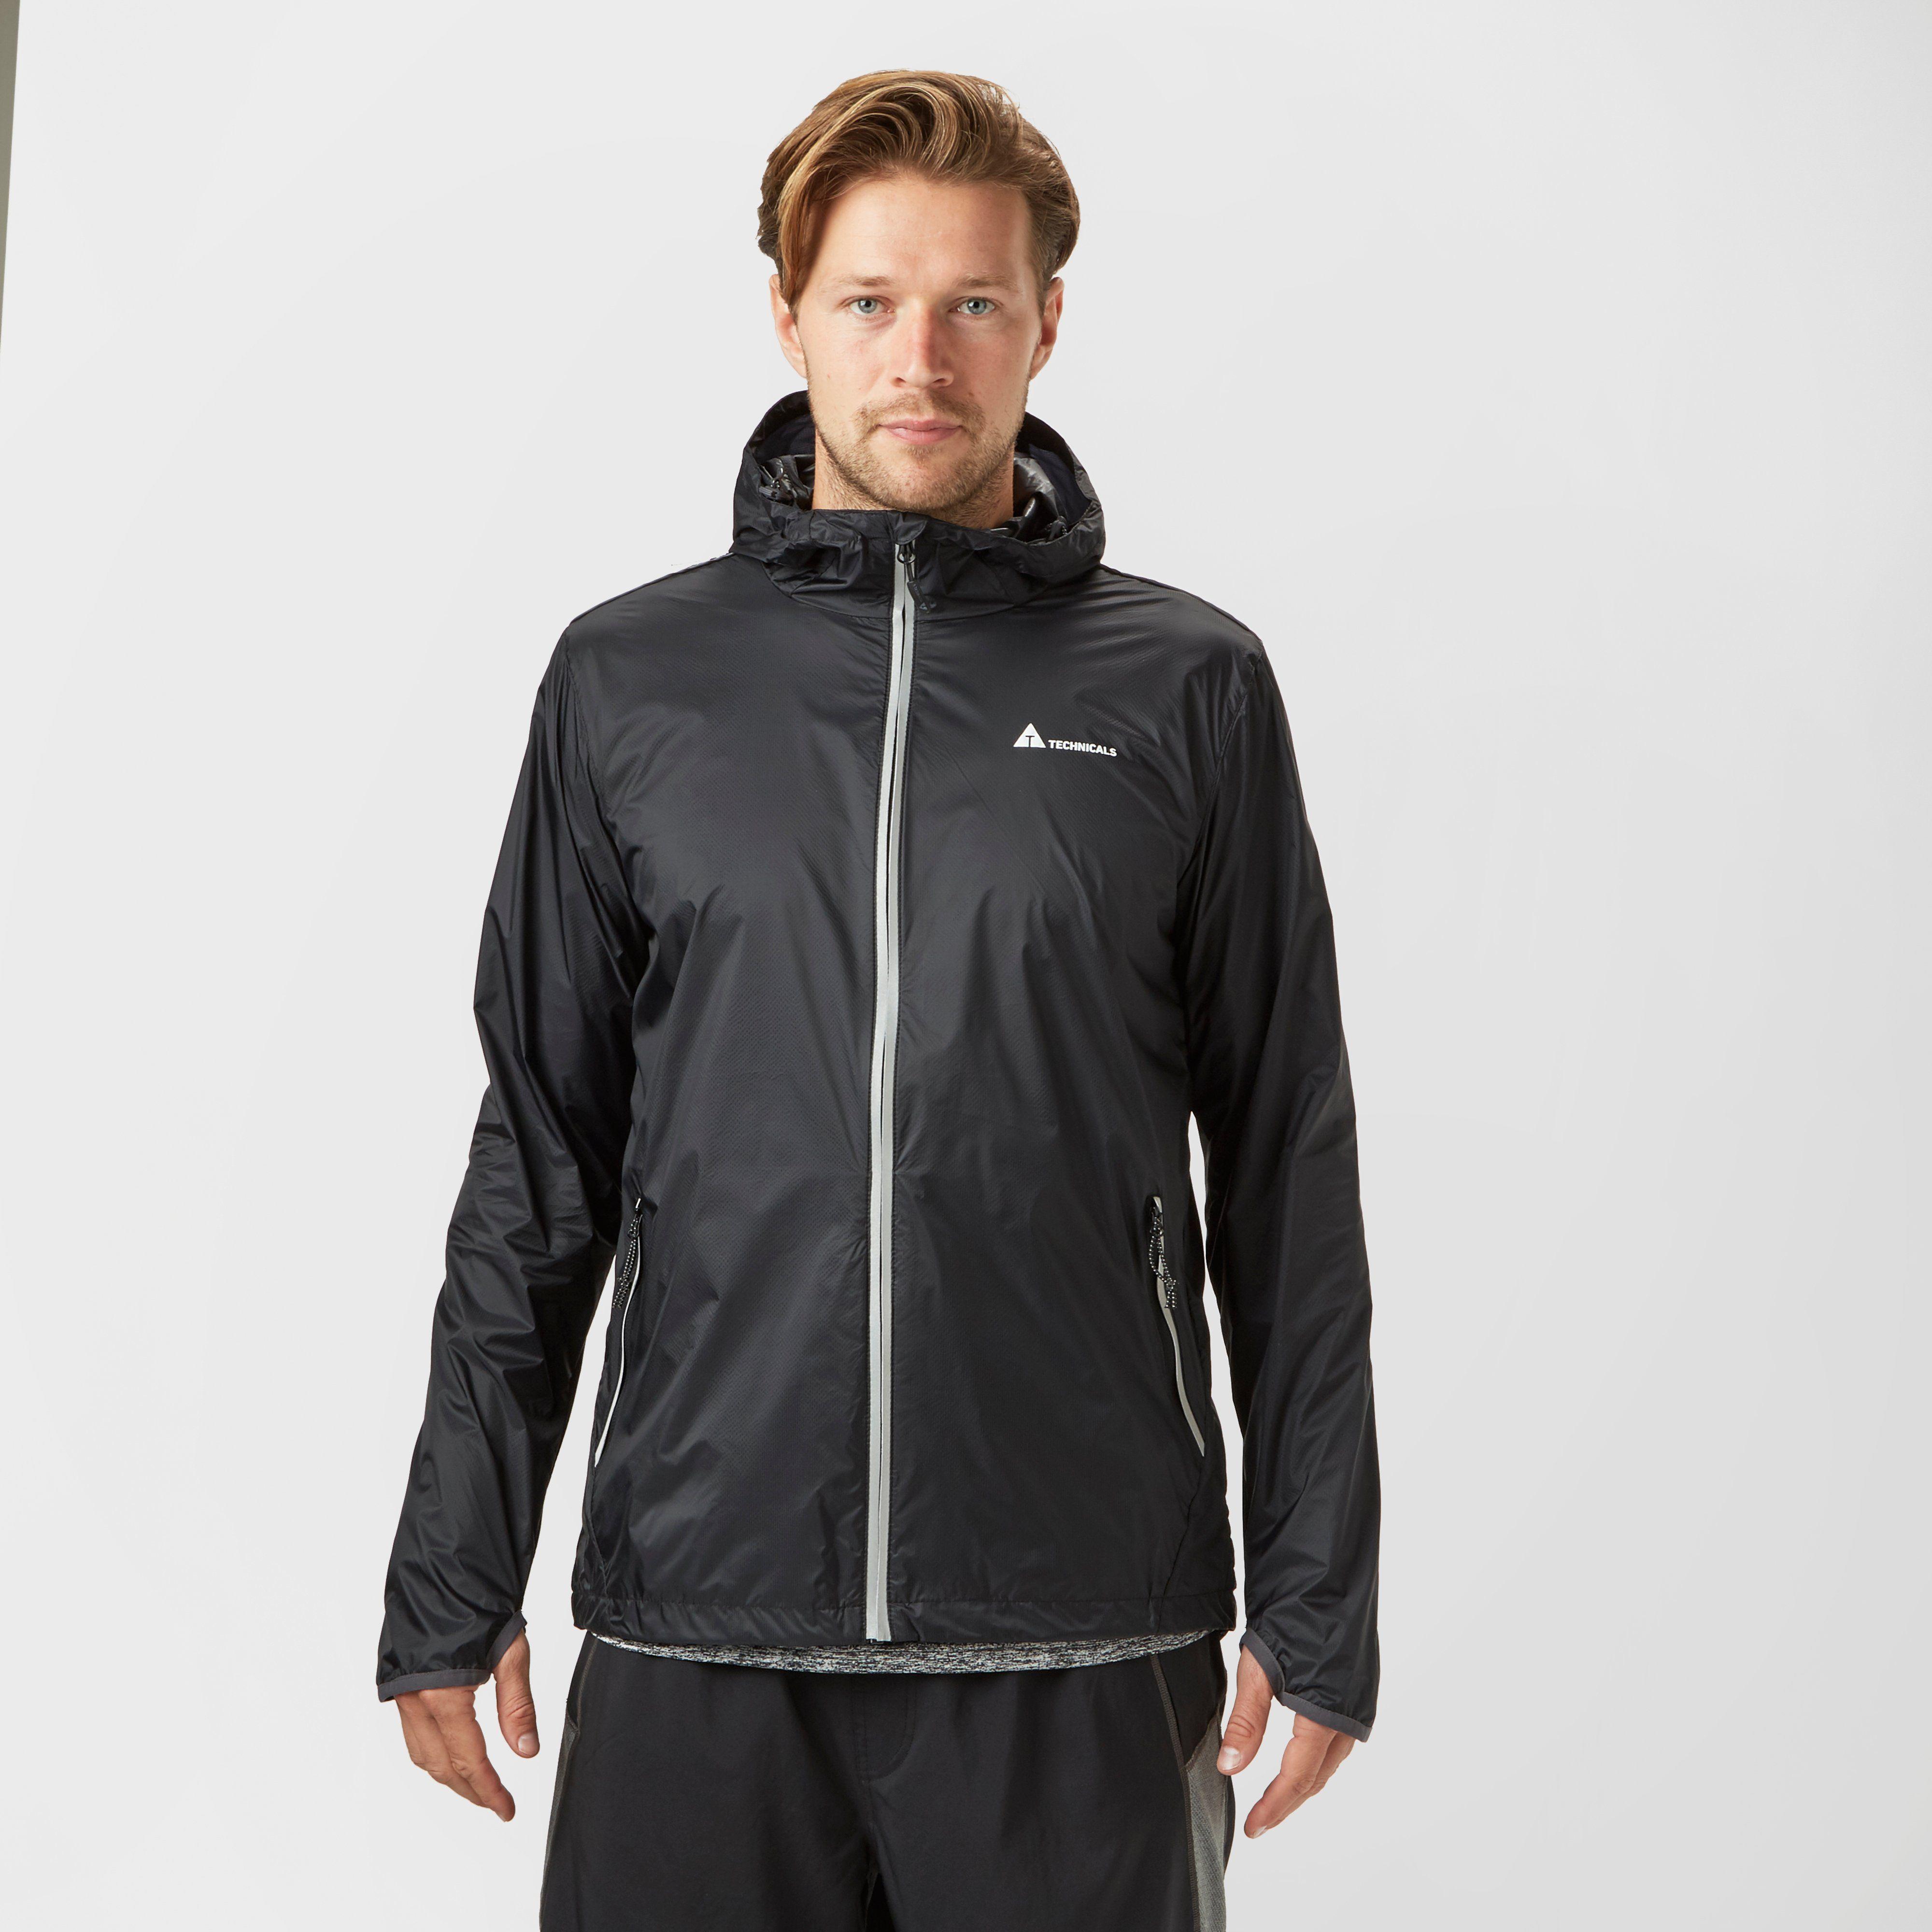 TECHNICALS Men's Runner Jacket